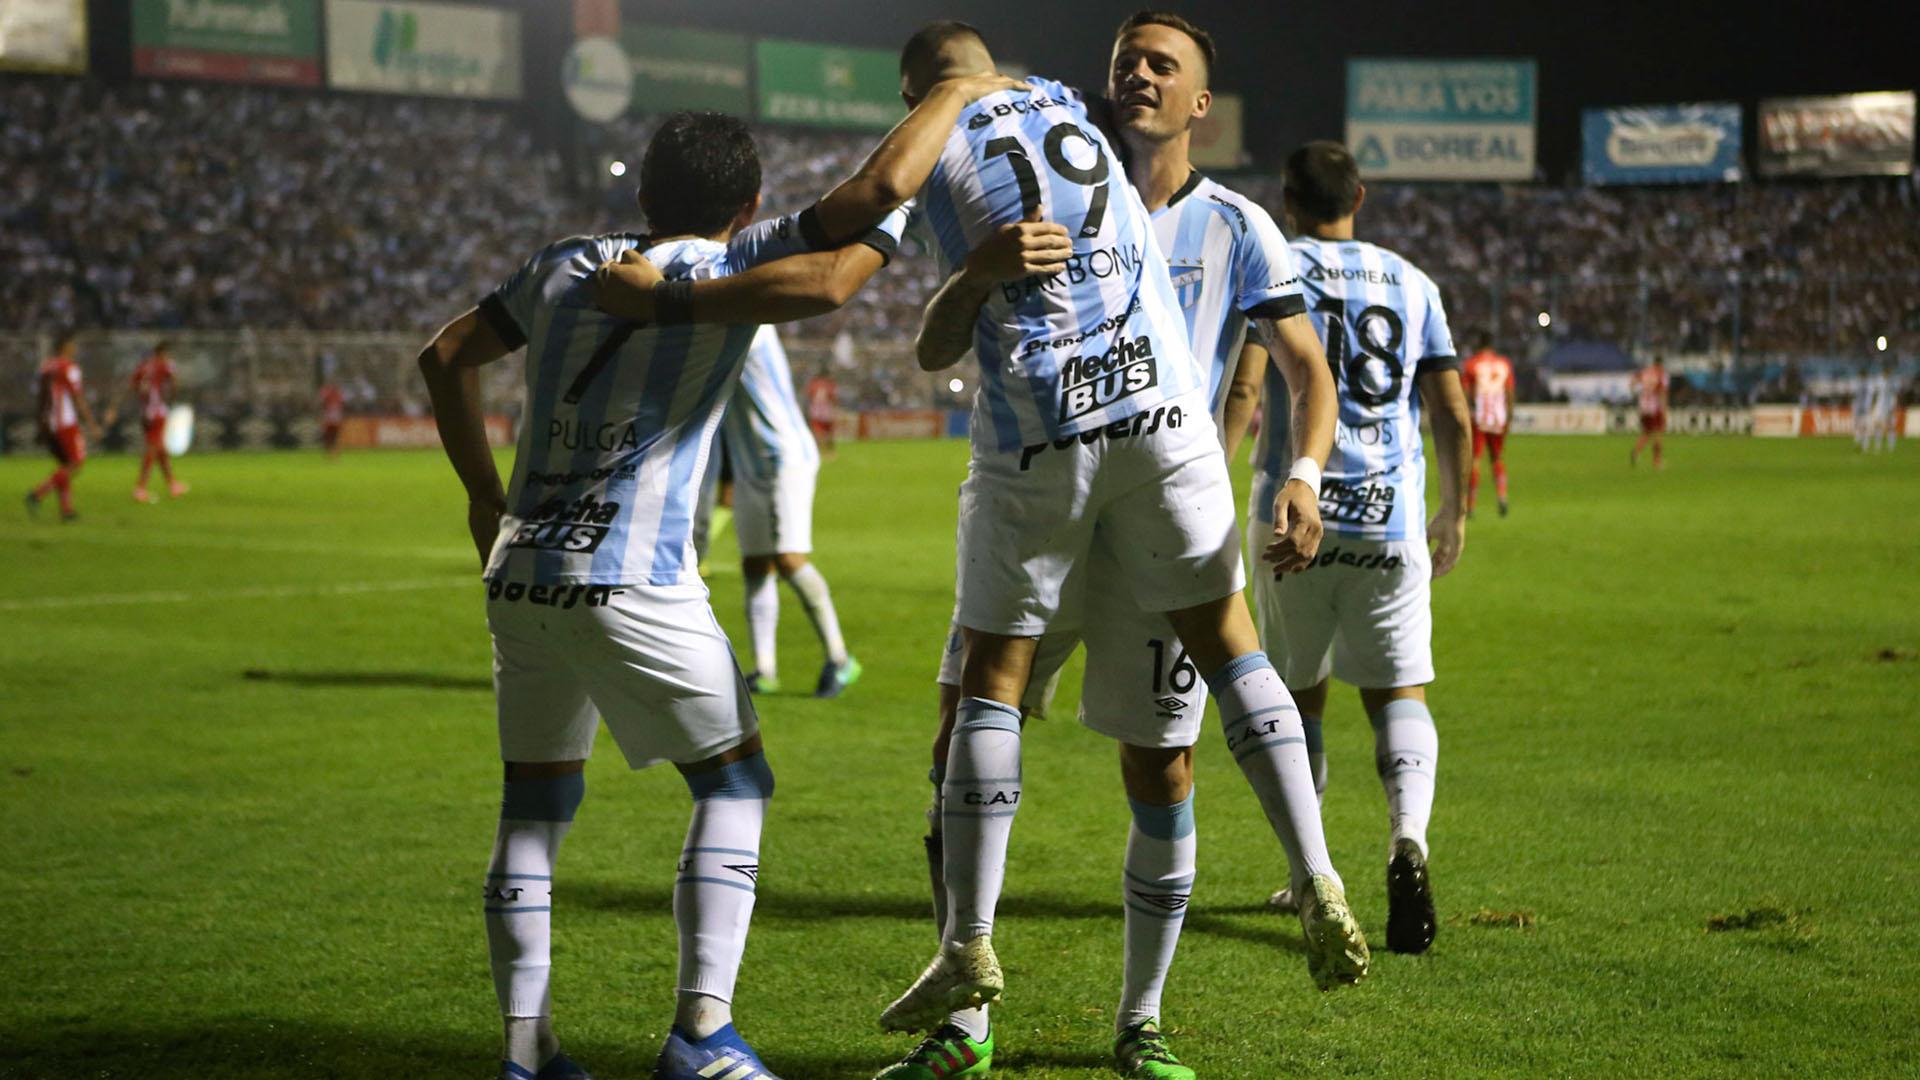 Barbona es felicitado por sus compañeros luego de anotar el 2-0 parcial (Nicolás Nuñez)